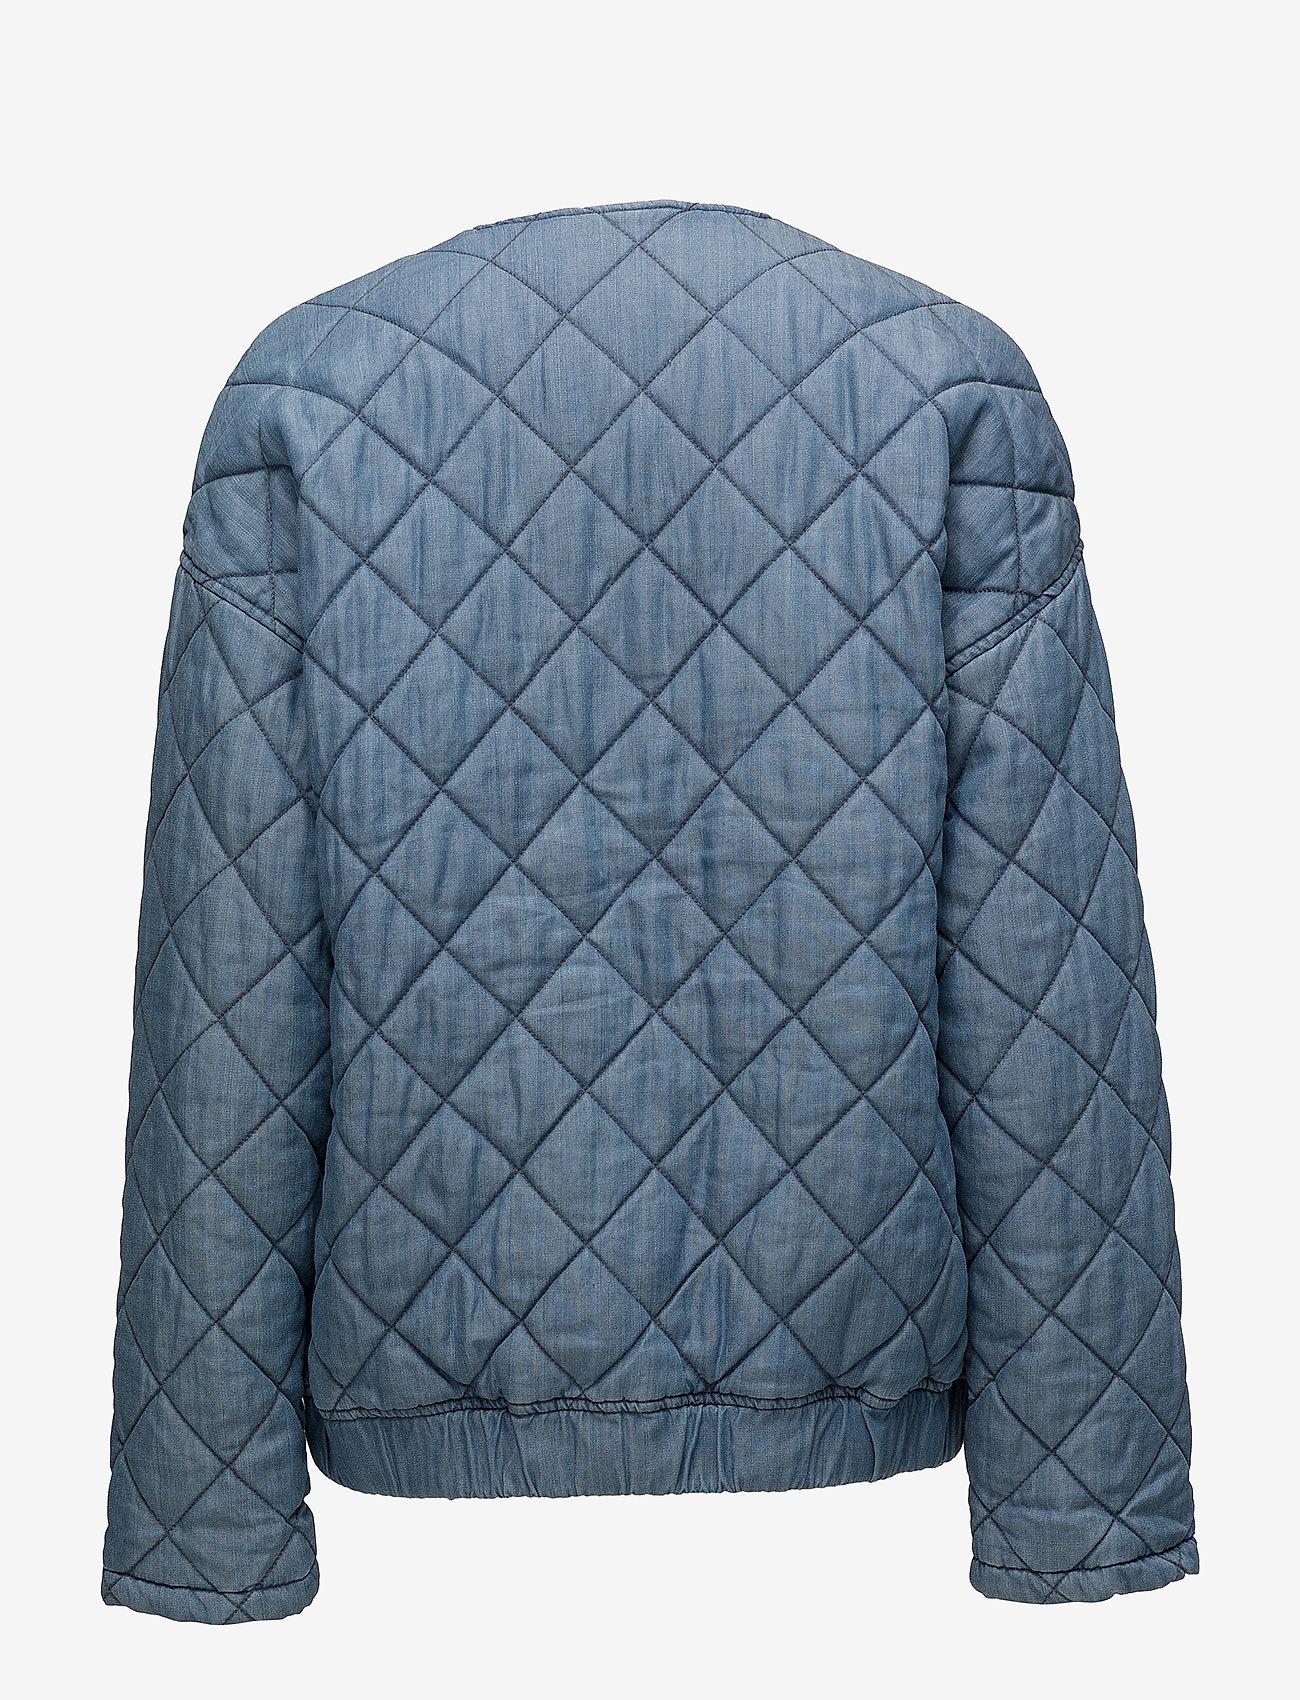 Twist & Tango Anouk Jacket - Vestes Et Manteaux